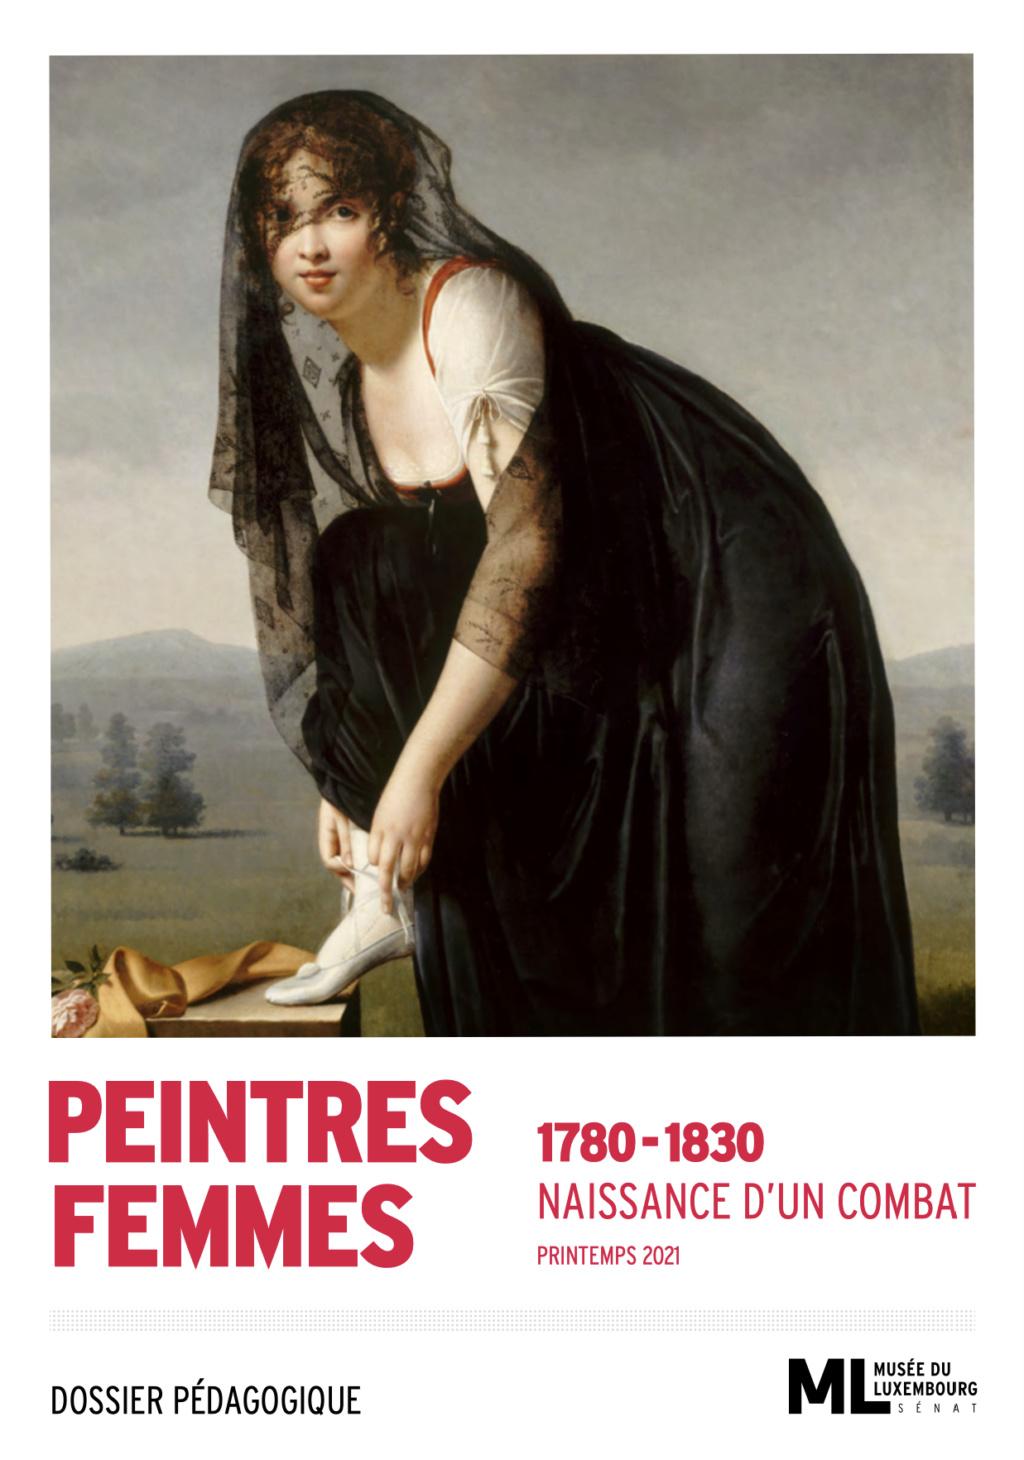 Exposition : Peintres femmes 1780-1830, naissance d'un combat. Au musée du Luxembourg Paris Capt2922